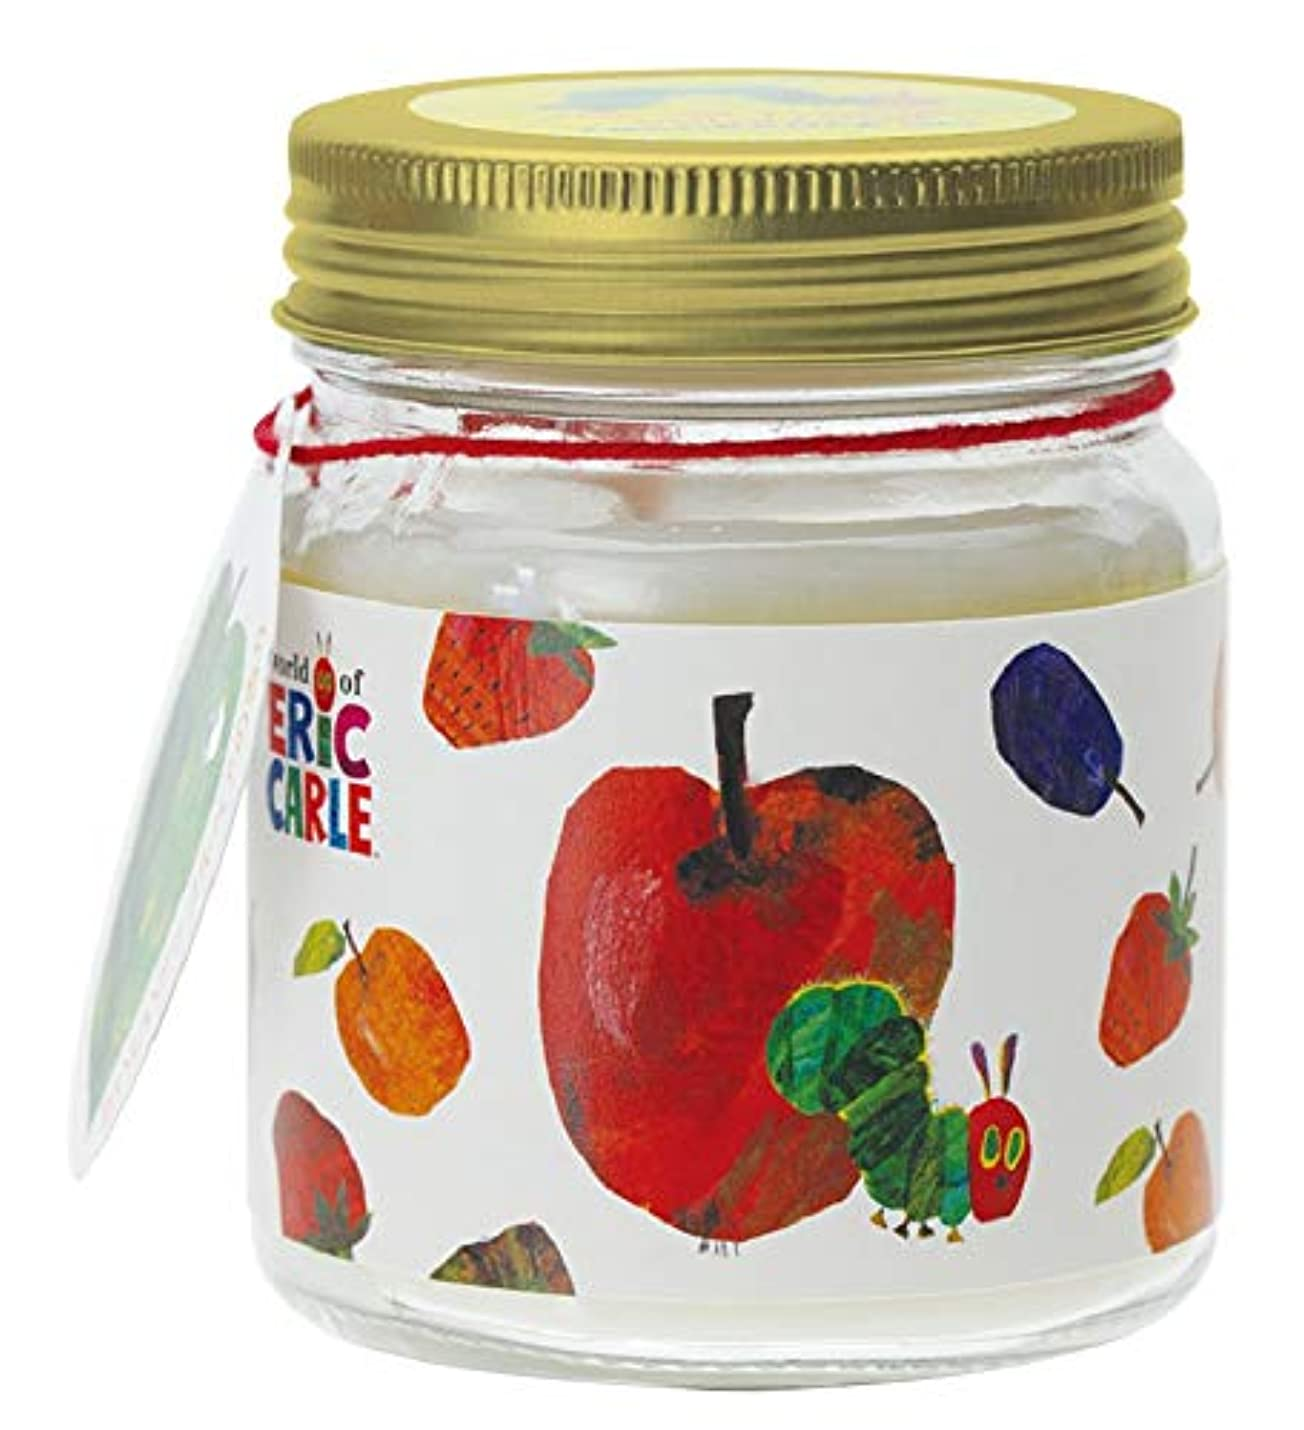 涙ゴミ箱証言するはらぺこあおむし フレグランスジェル 置き型 大容量 アップルペアの香り HPA-2-01